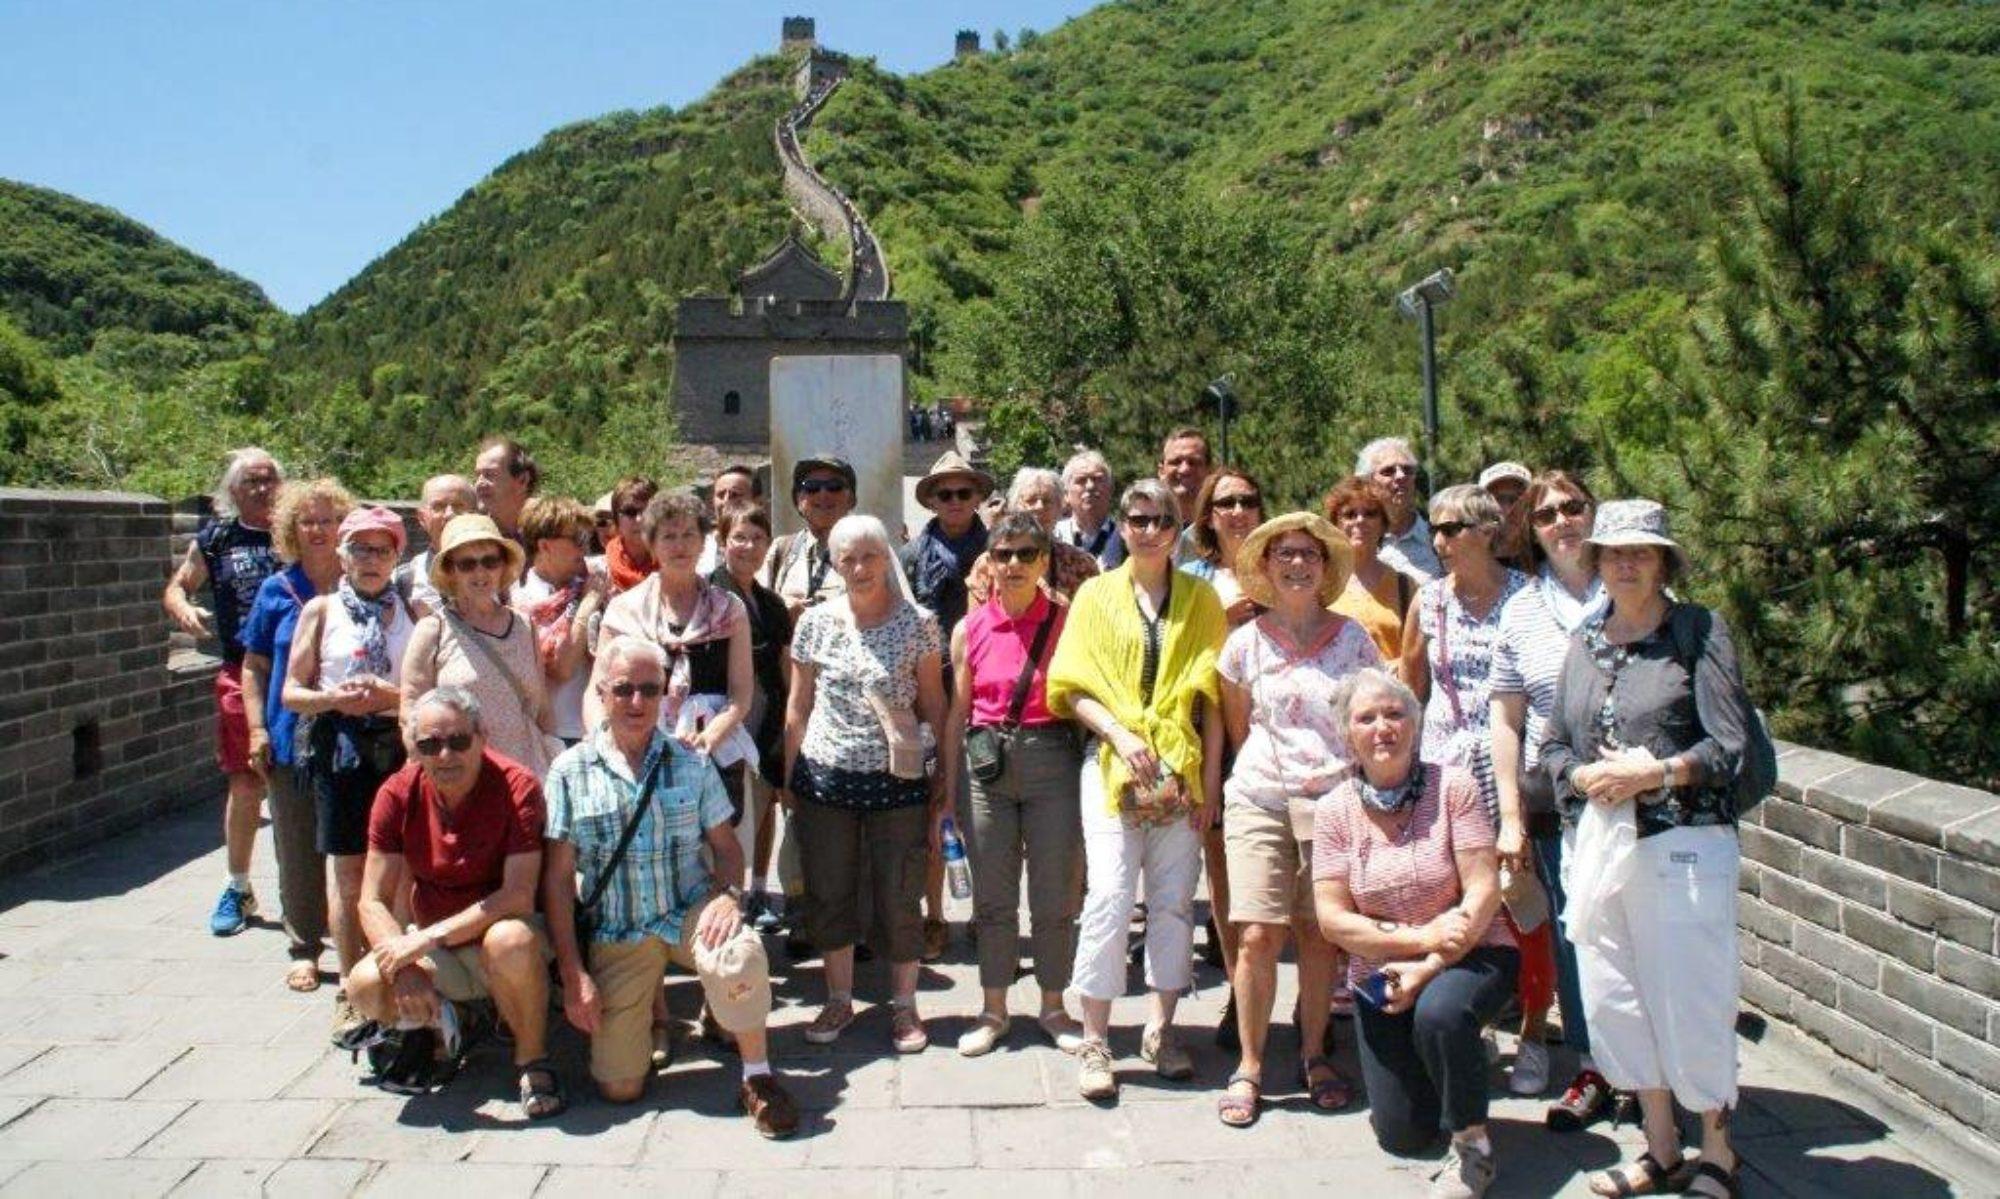 Association Familiale Loisirs et Culture